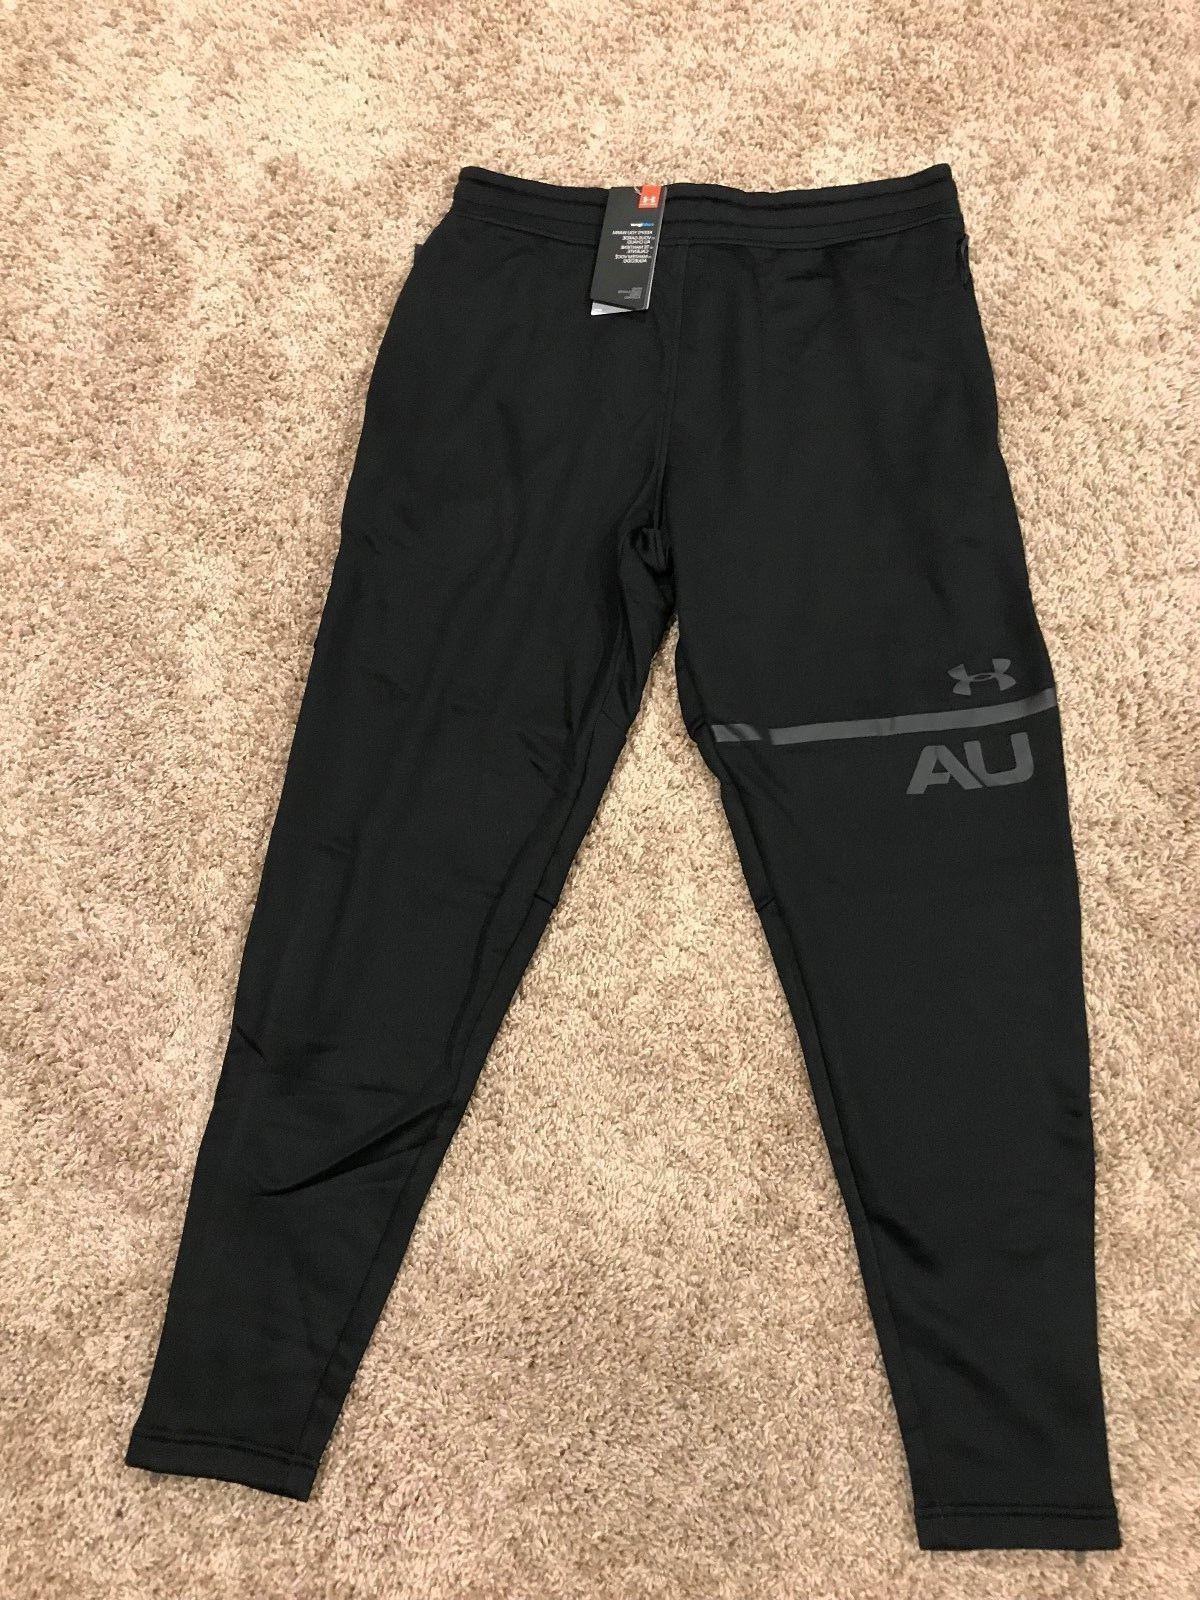 UNDER UA MK1 TECH BLACK MANY SIZE RT$55